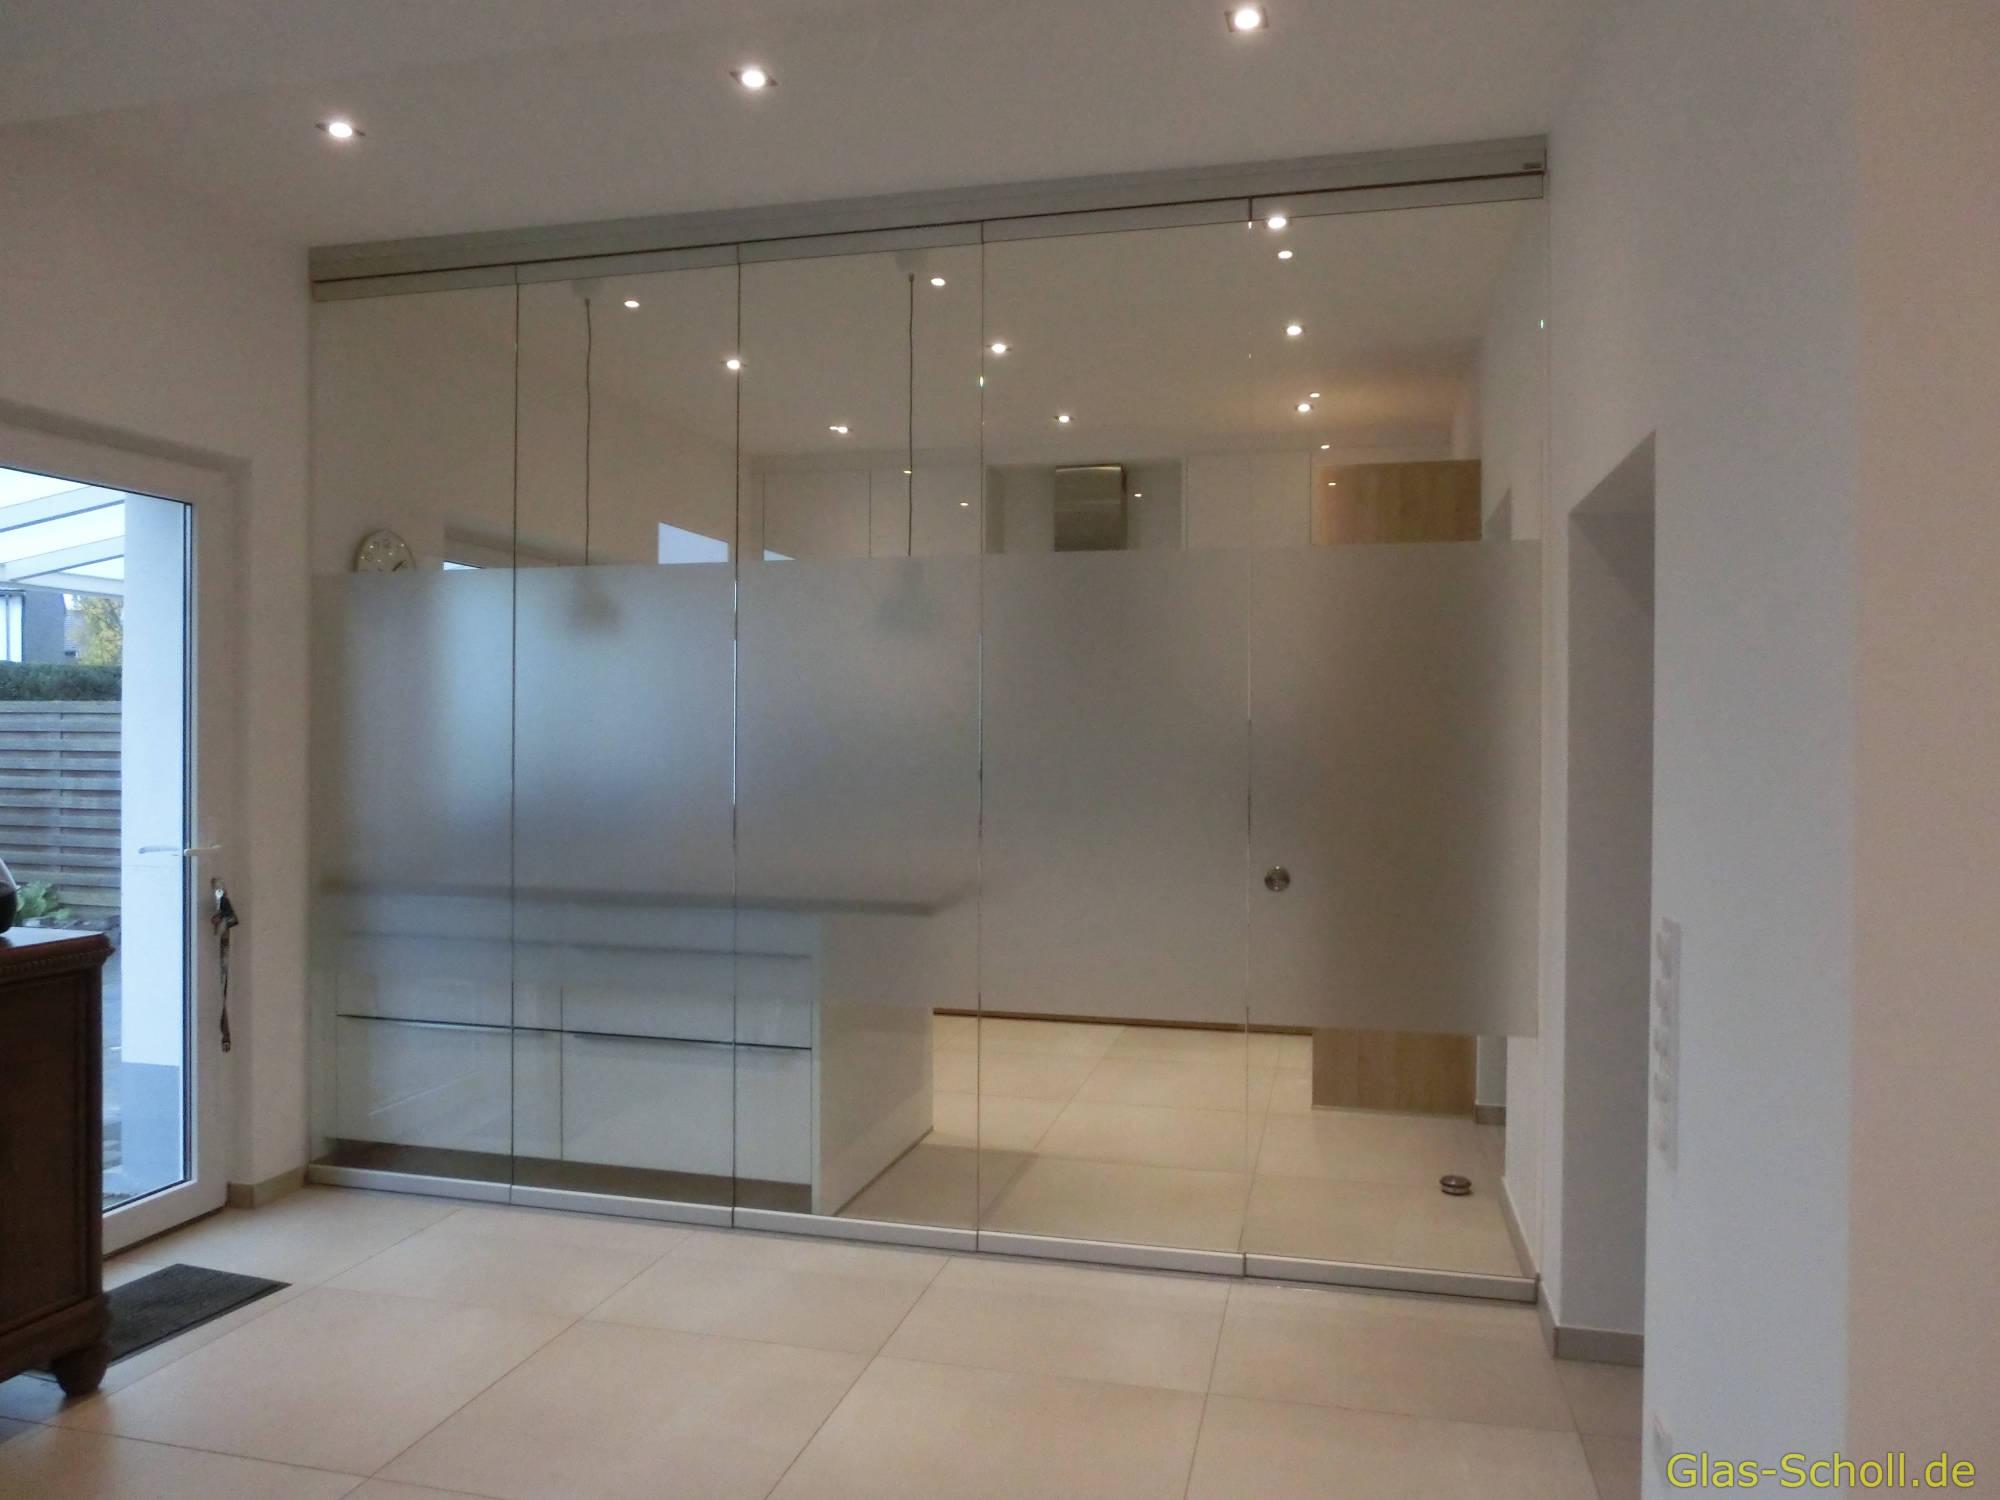 Küchen Glas-Trennwand von Glas Scholl - www.glas-scholl.de